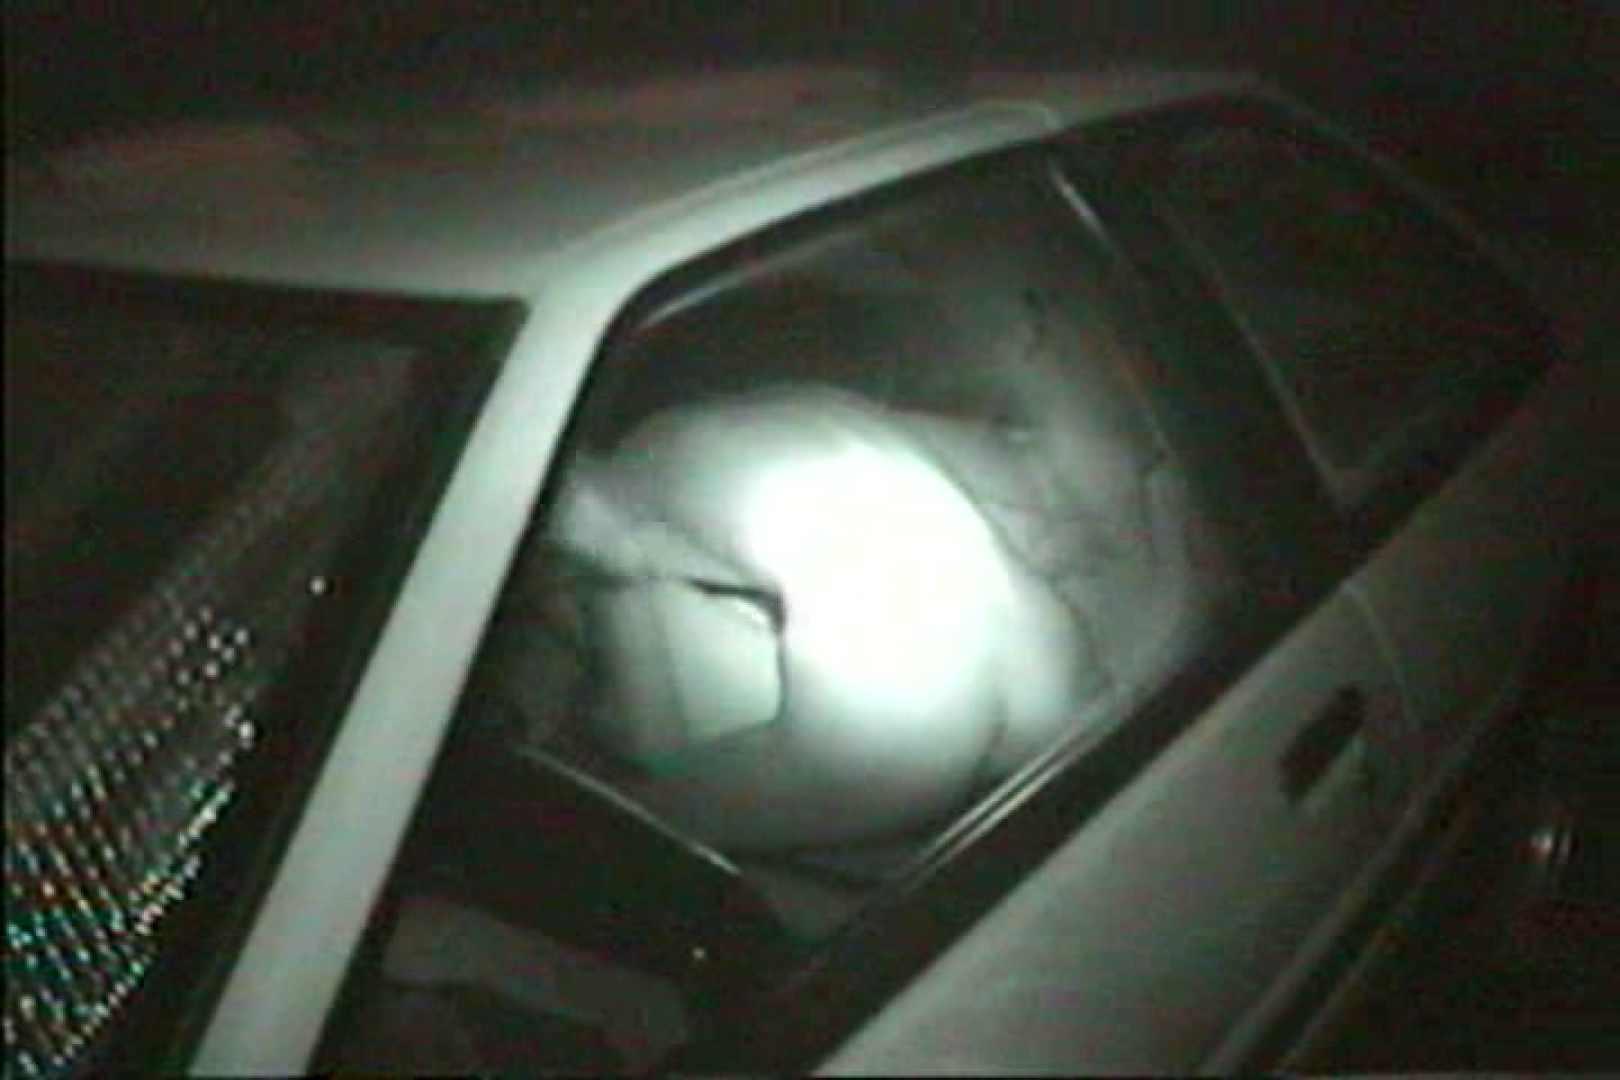 車の中はラブホテル 無修正版  Vol.28 HなOL 盗撮動画紹介 99pic 18